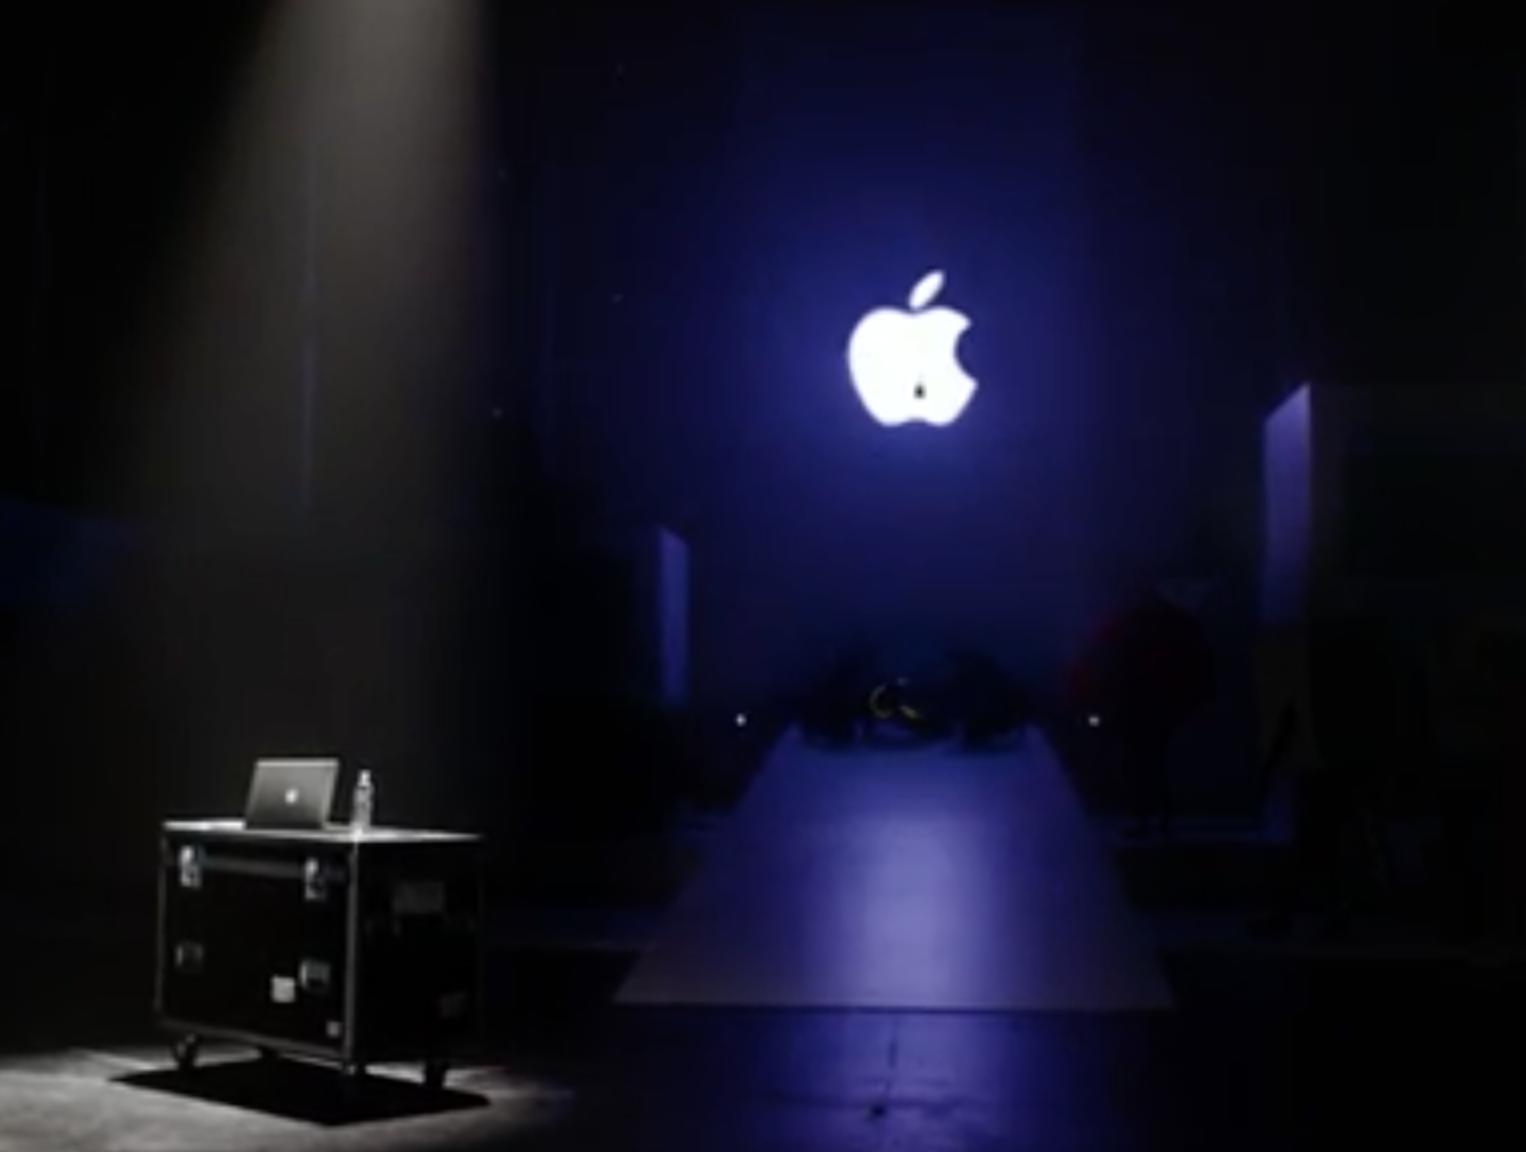 Вступительное видео с WWDC`15 уже доступно для просмотра